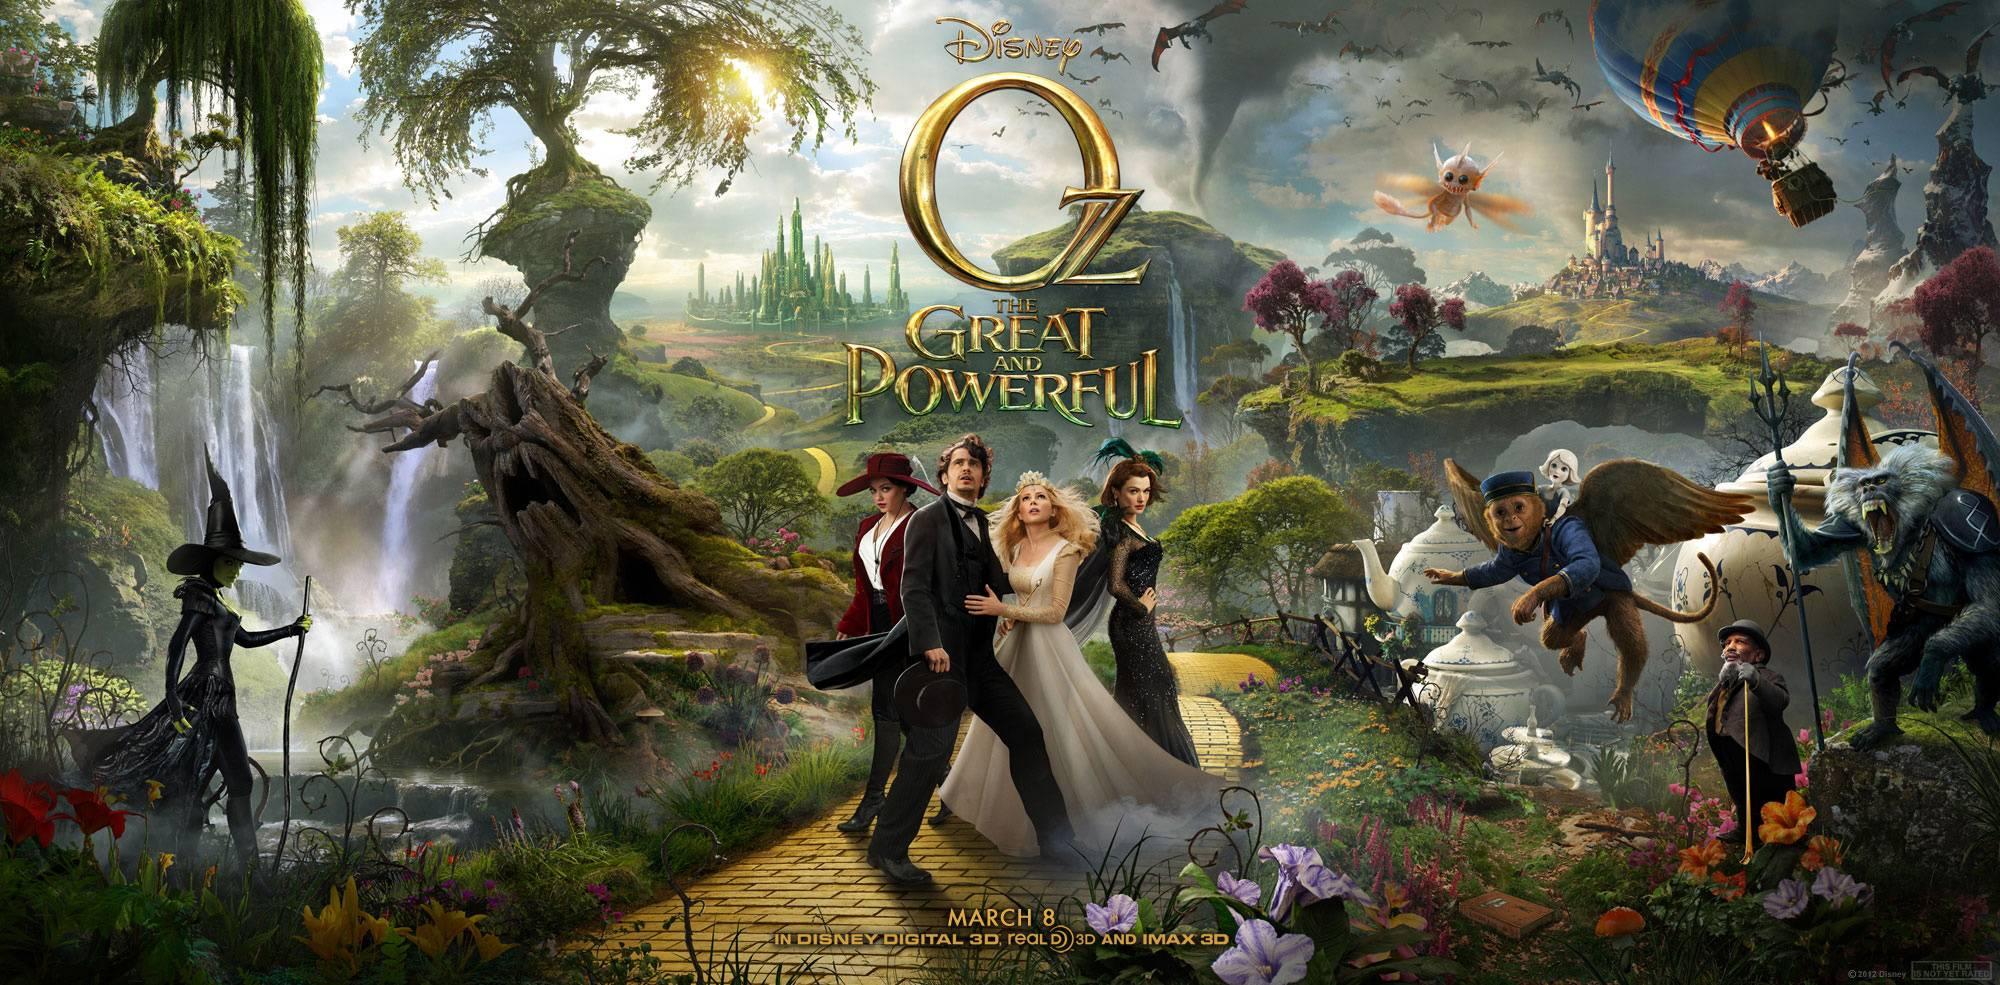 """Постер #45942 к фильму """"""""Оз: Великий и ужасный"""" / Oz: The Great and Powerful"""""""